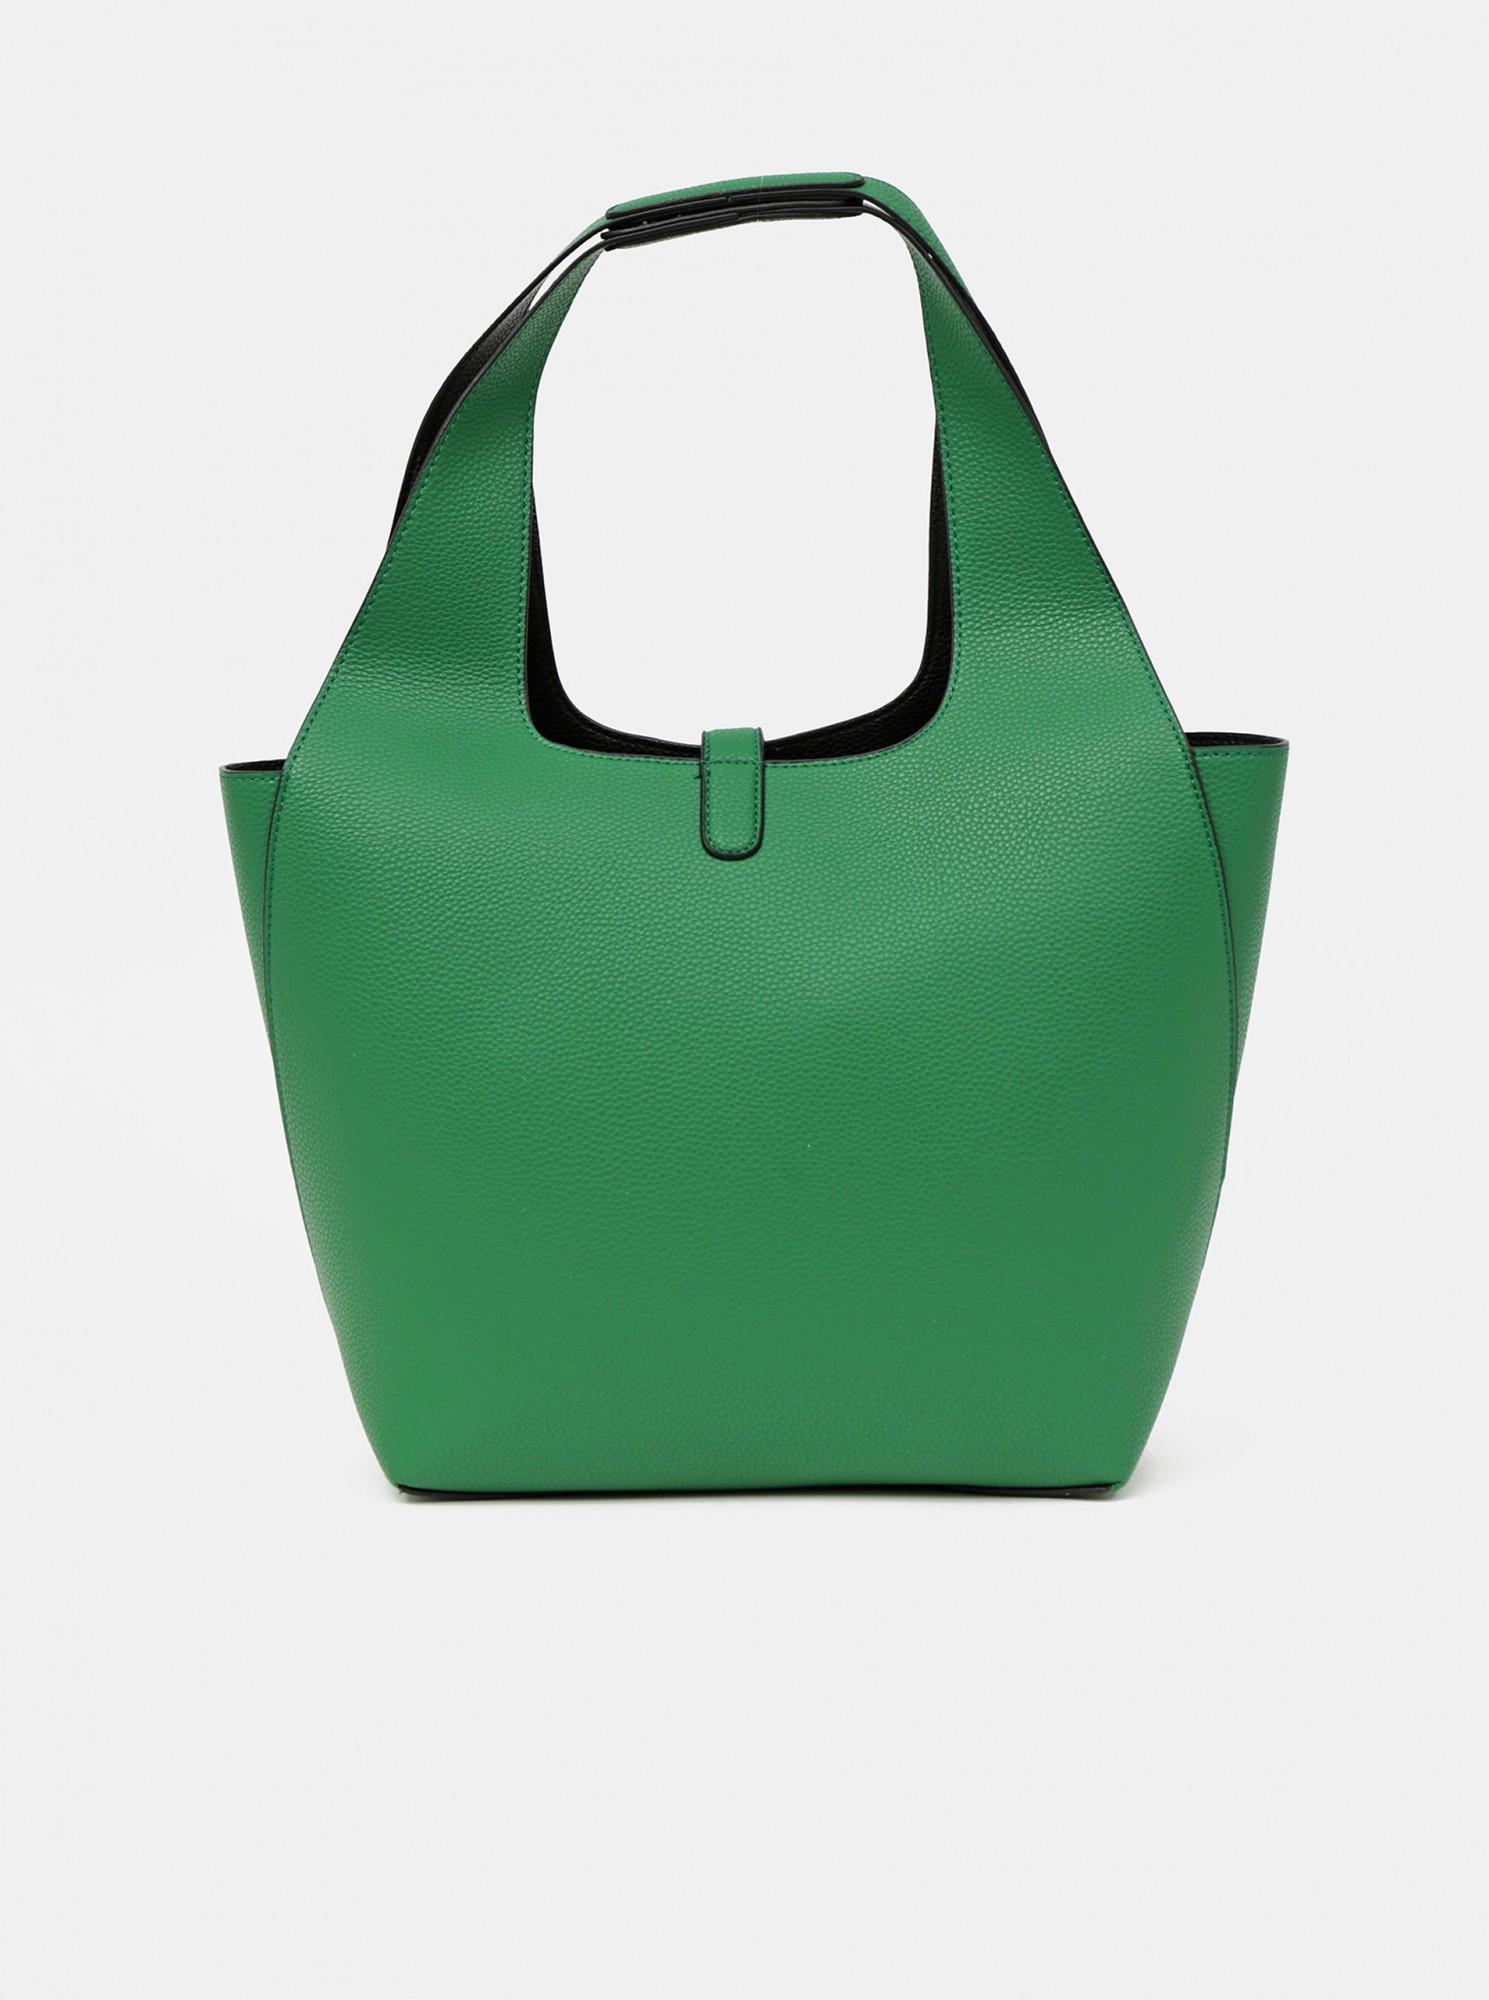 Tamaris verzi reversibil cumpărător